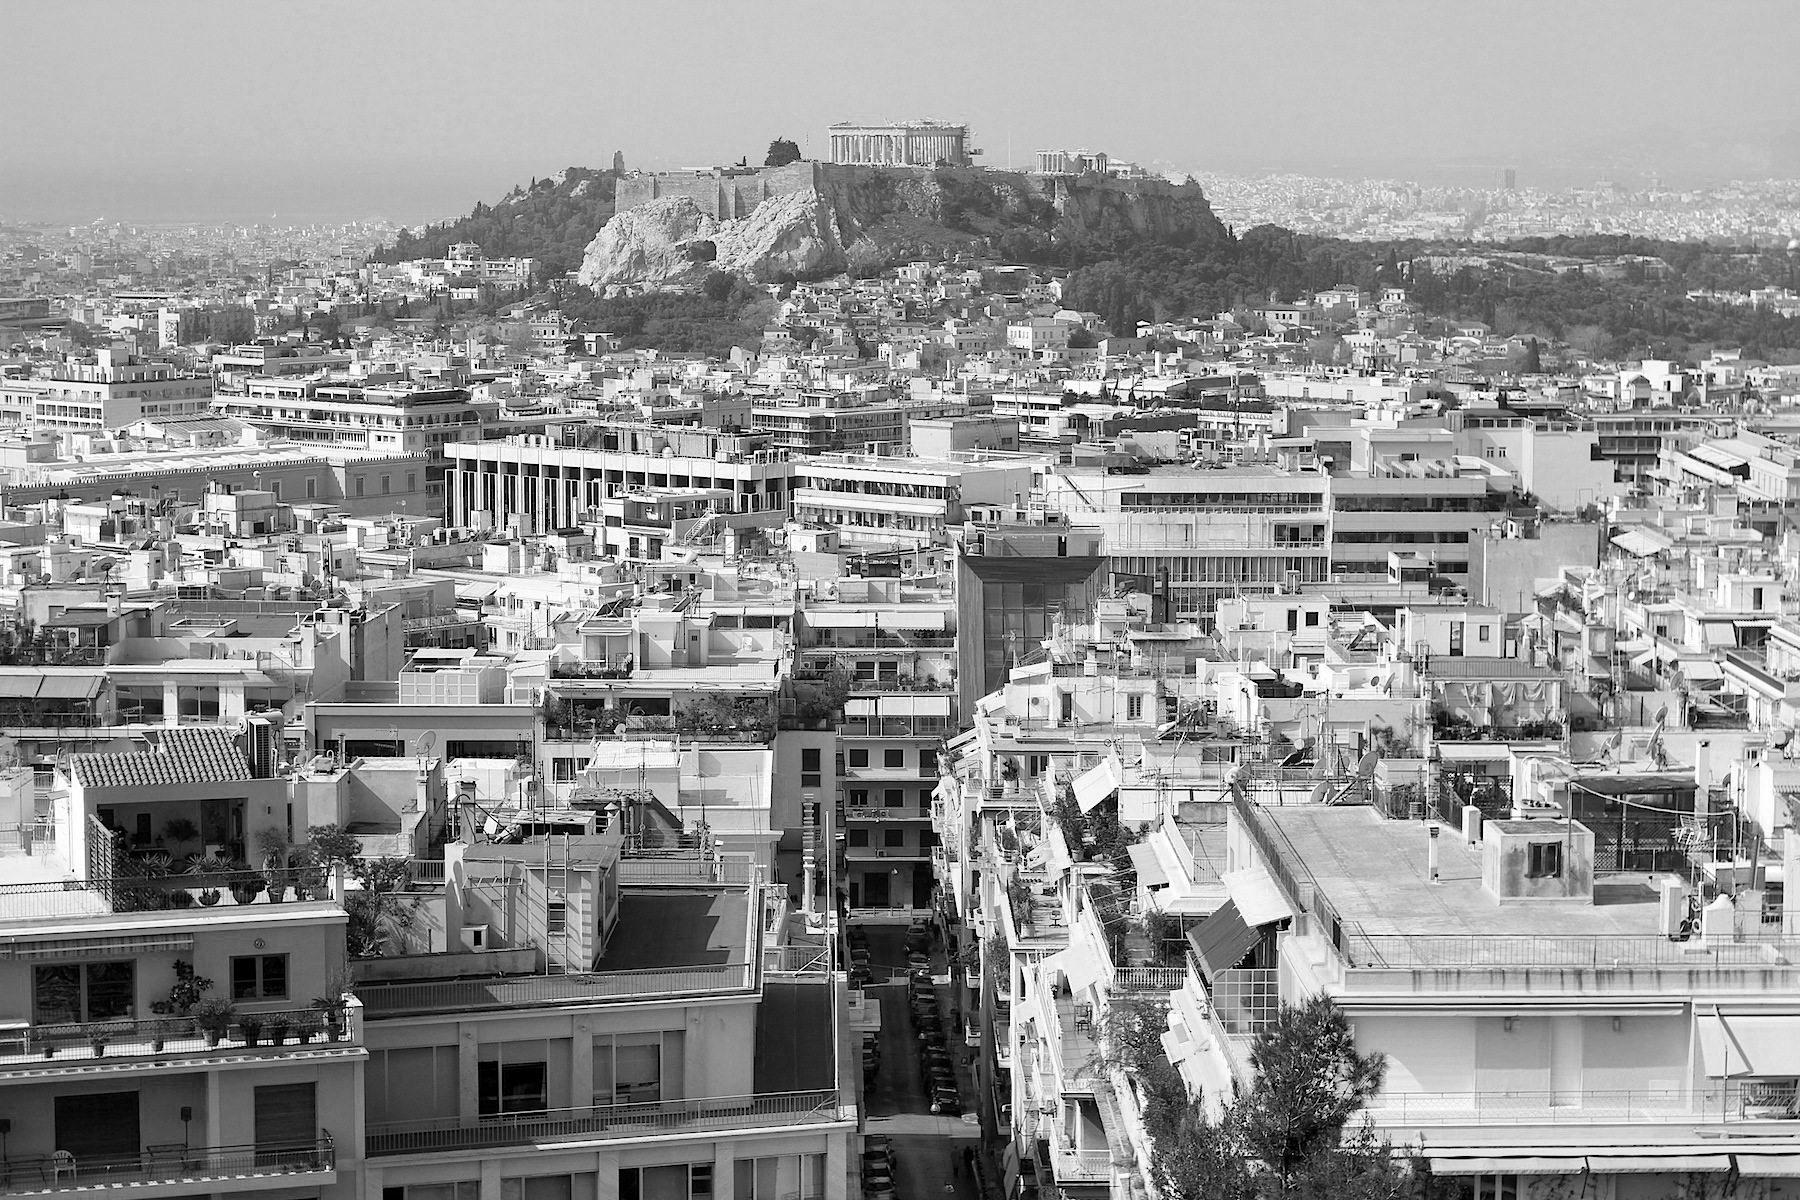 Die Akropolis. Die Hochstadt der Klassik, vom nördlich gelegenen Kolonaki-Viertel aus gesehen, erhebt sich auf einem 156 Meter hohen Kalksteinsockel über der Athener Ebene. Die Ruinen der noch bestehenden Bauten prägen maßgeblich unser Bild der Antike.